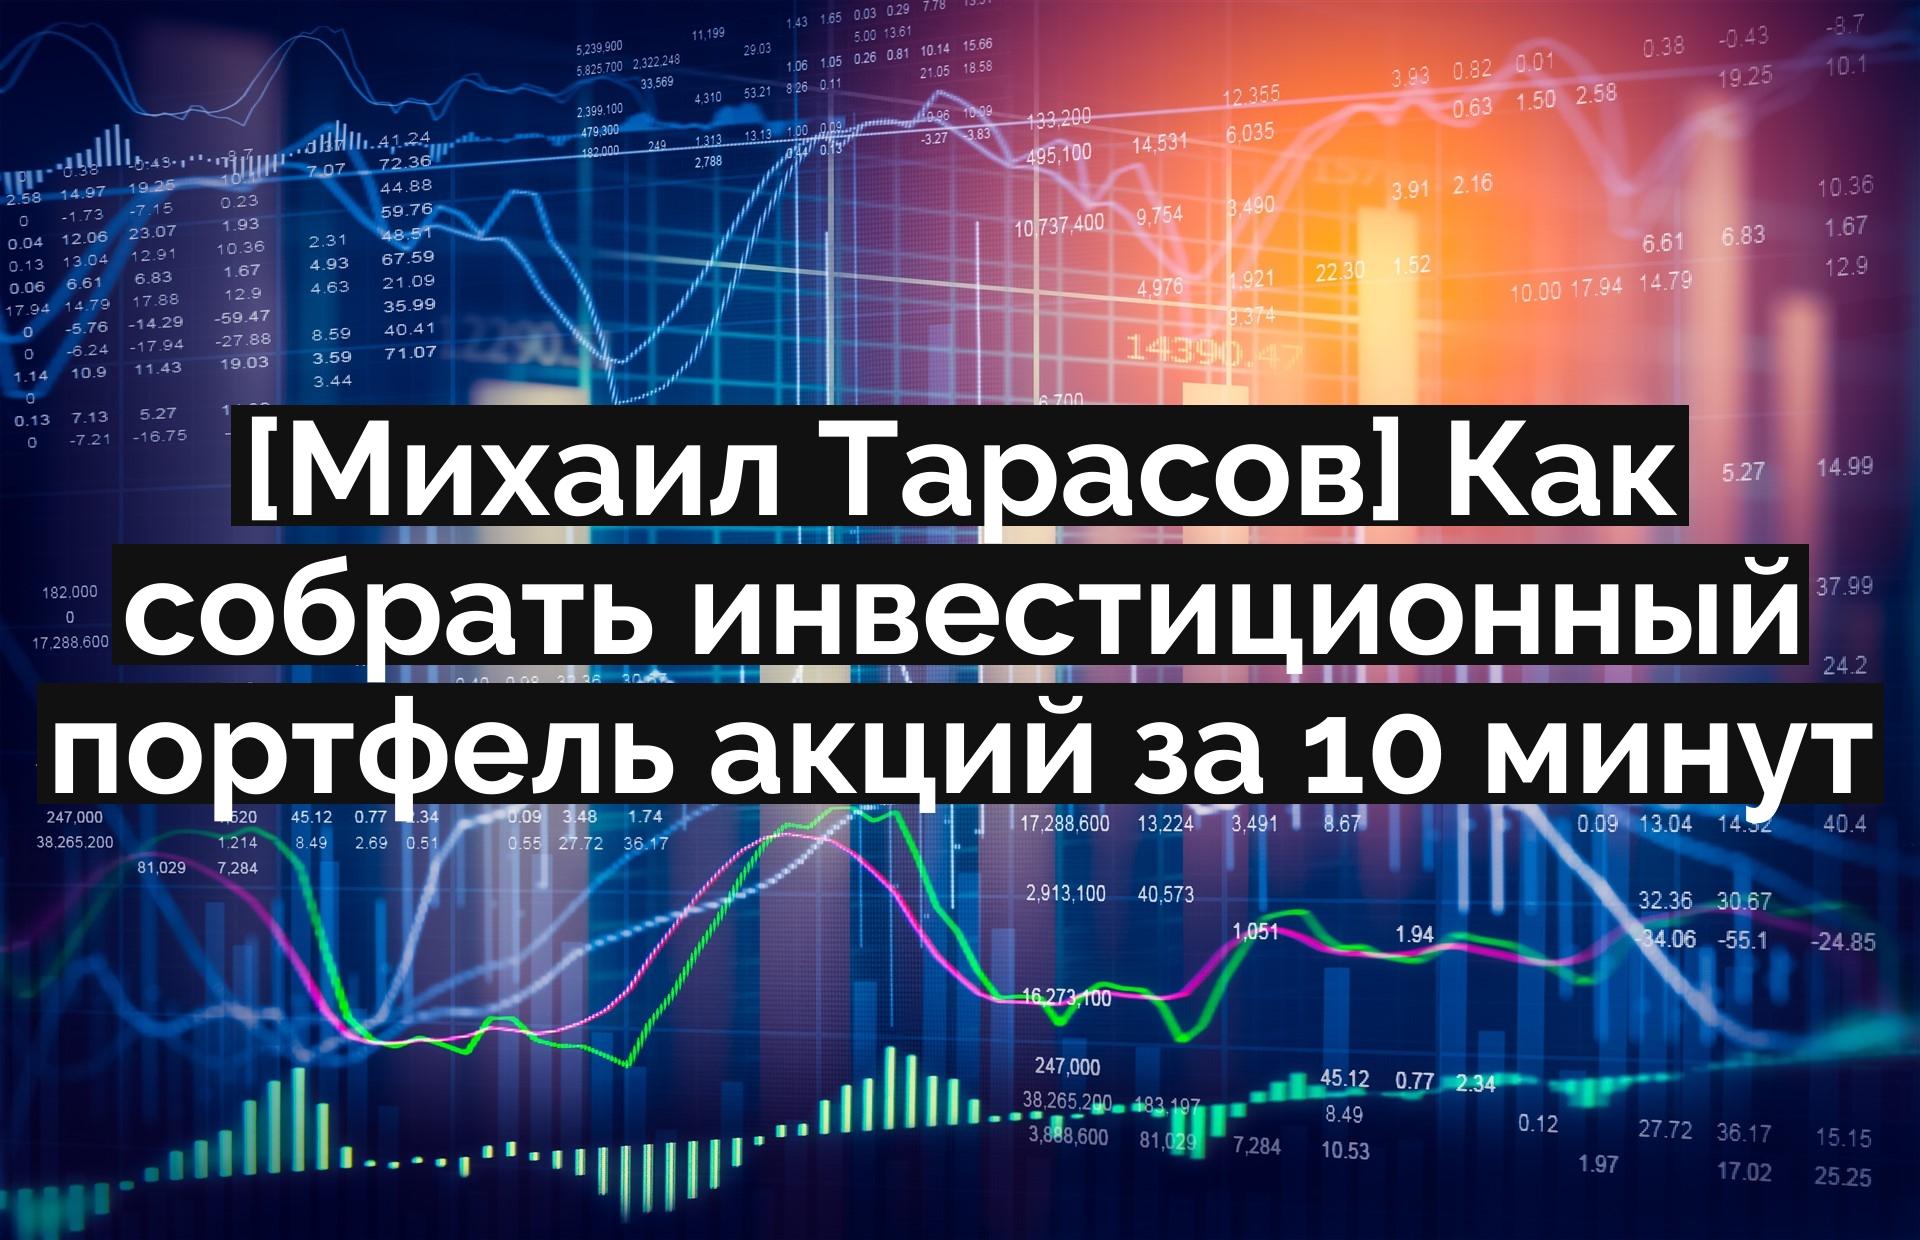 [Михаил Тарасов] Как собрать инвестиционный портфель акций за 10 минут